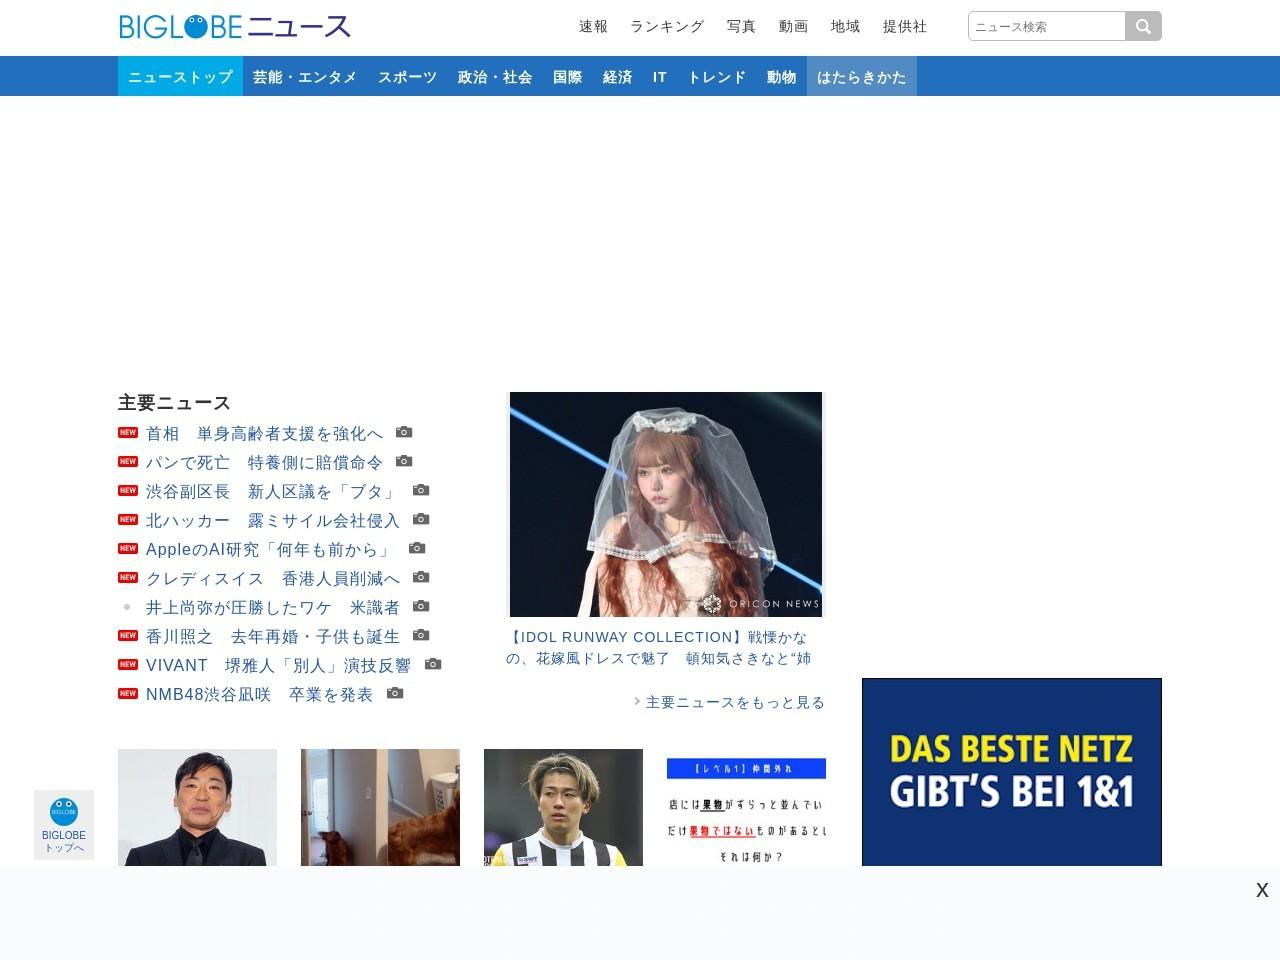 「伝説の美少女」高橋希来、95センチ豊満バストにグラビアファン大注目! 初イメージがいきなりAmazon …